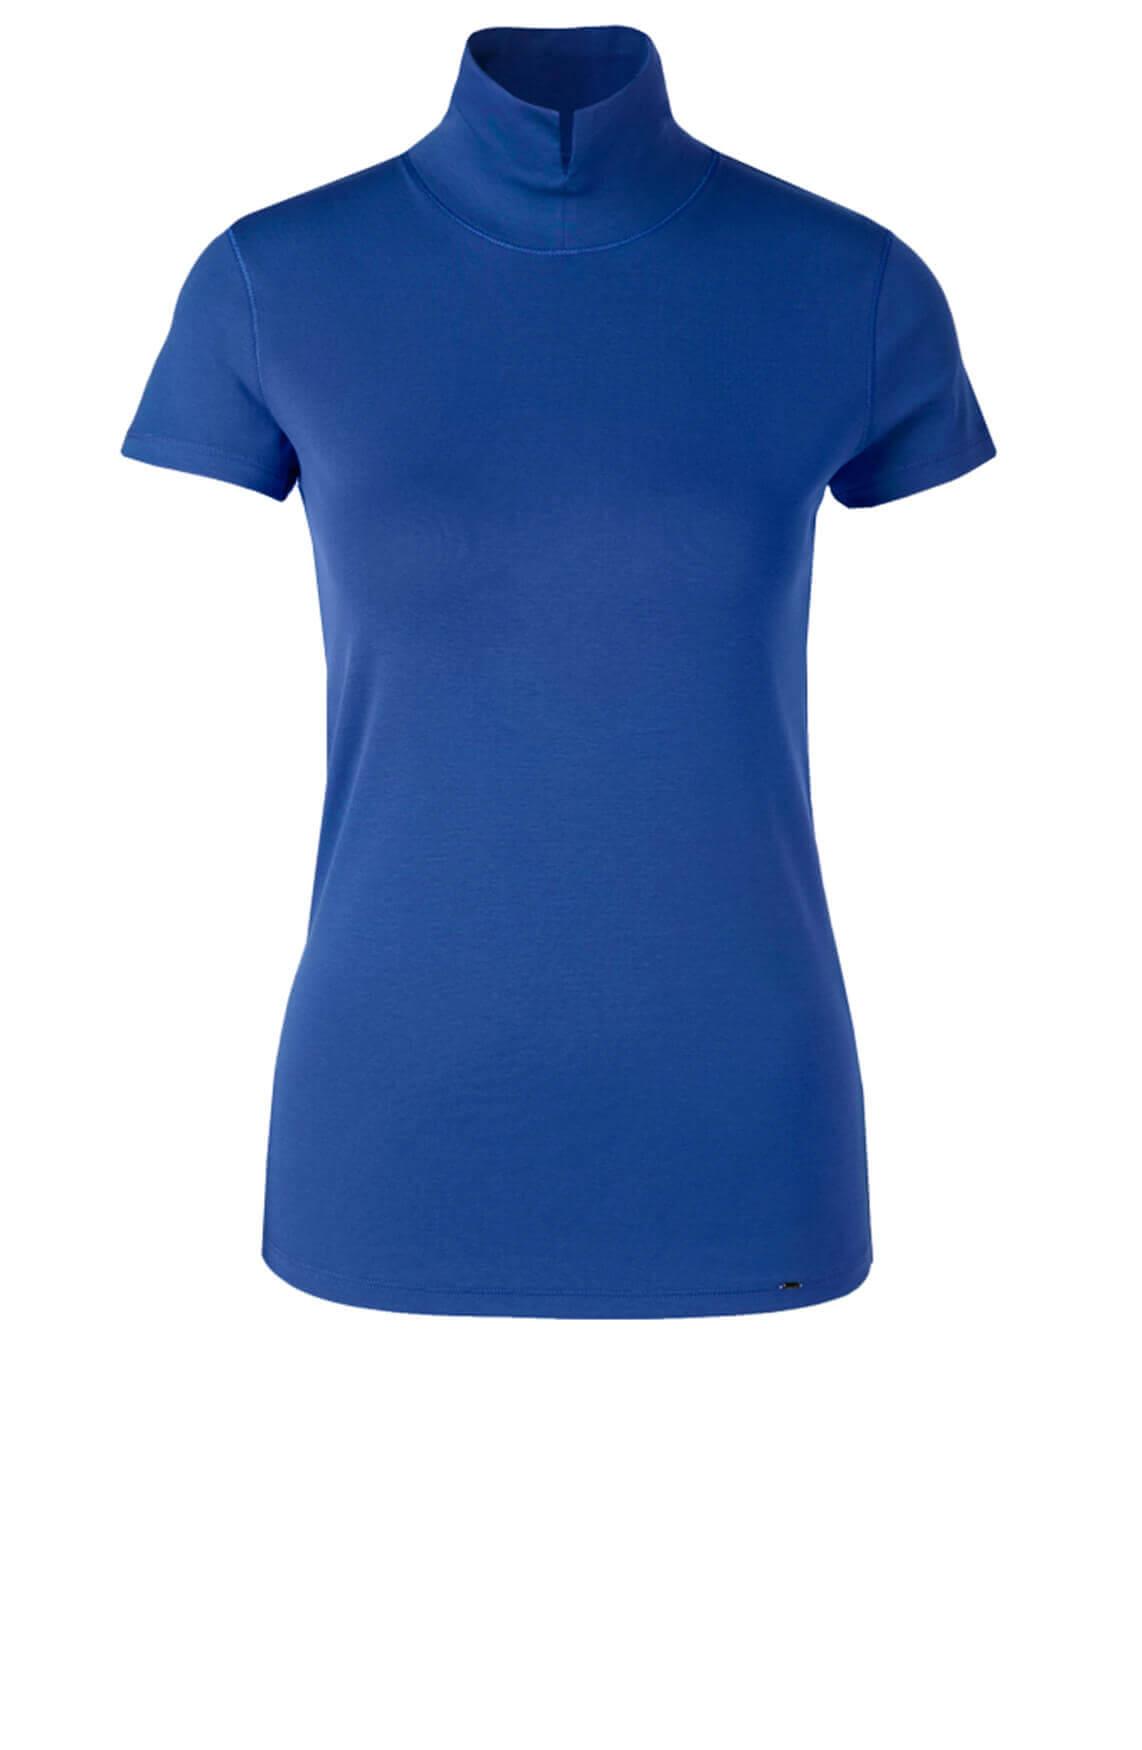 Marccain Dames Shirt met opstaande kraag Blauw